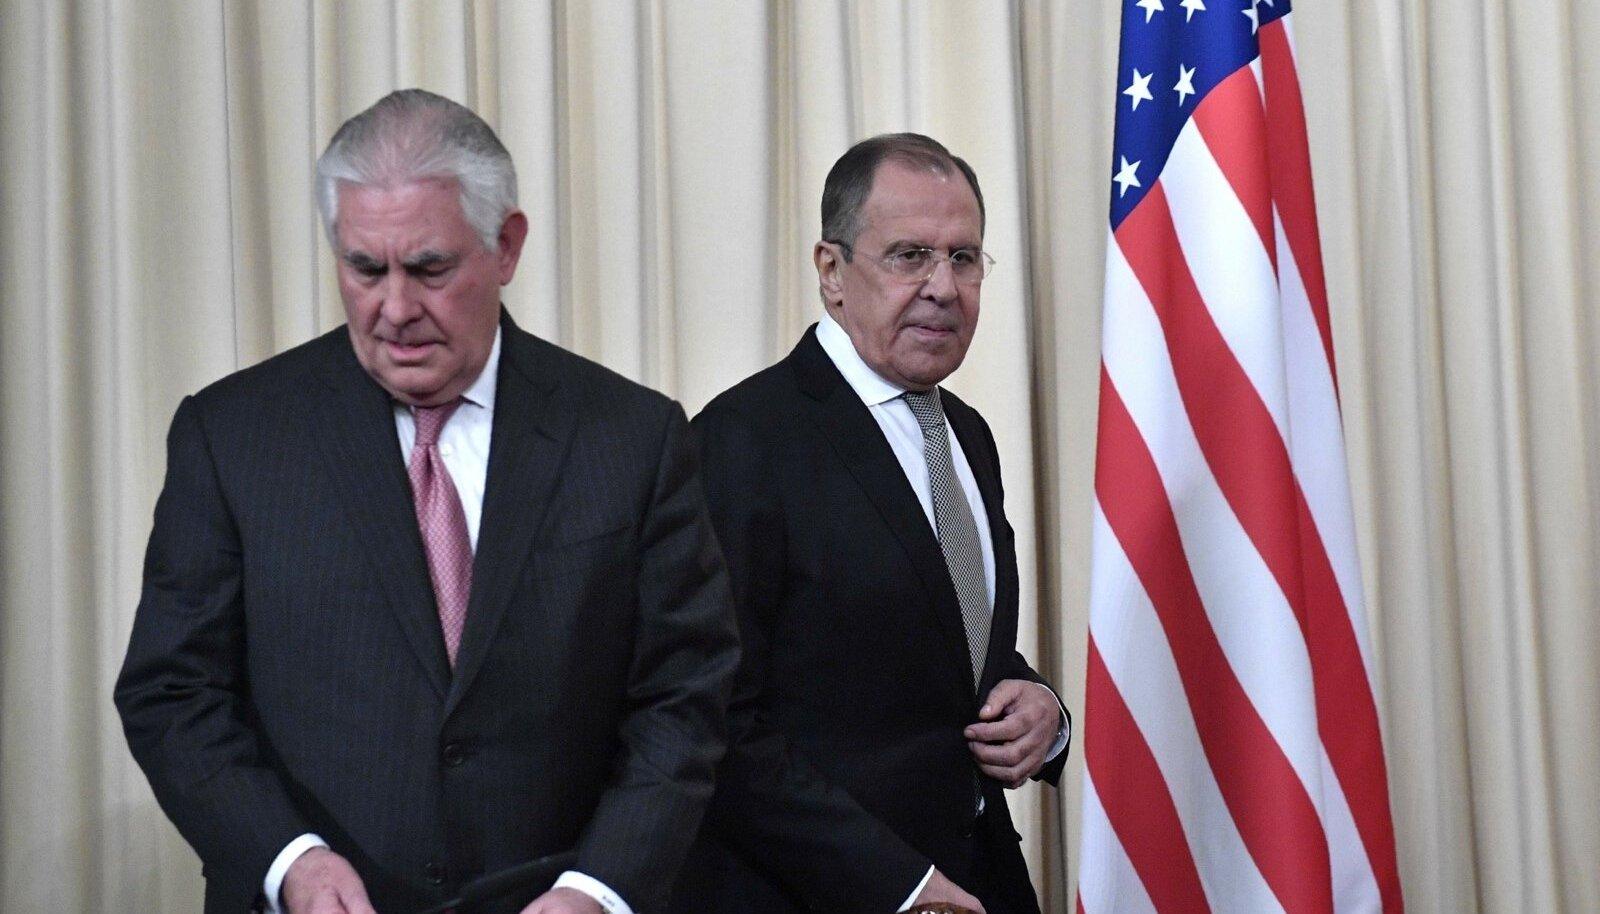 Rex Tillerson, Sergei Lavrov